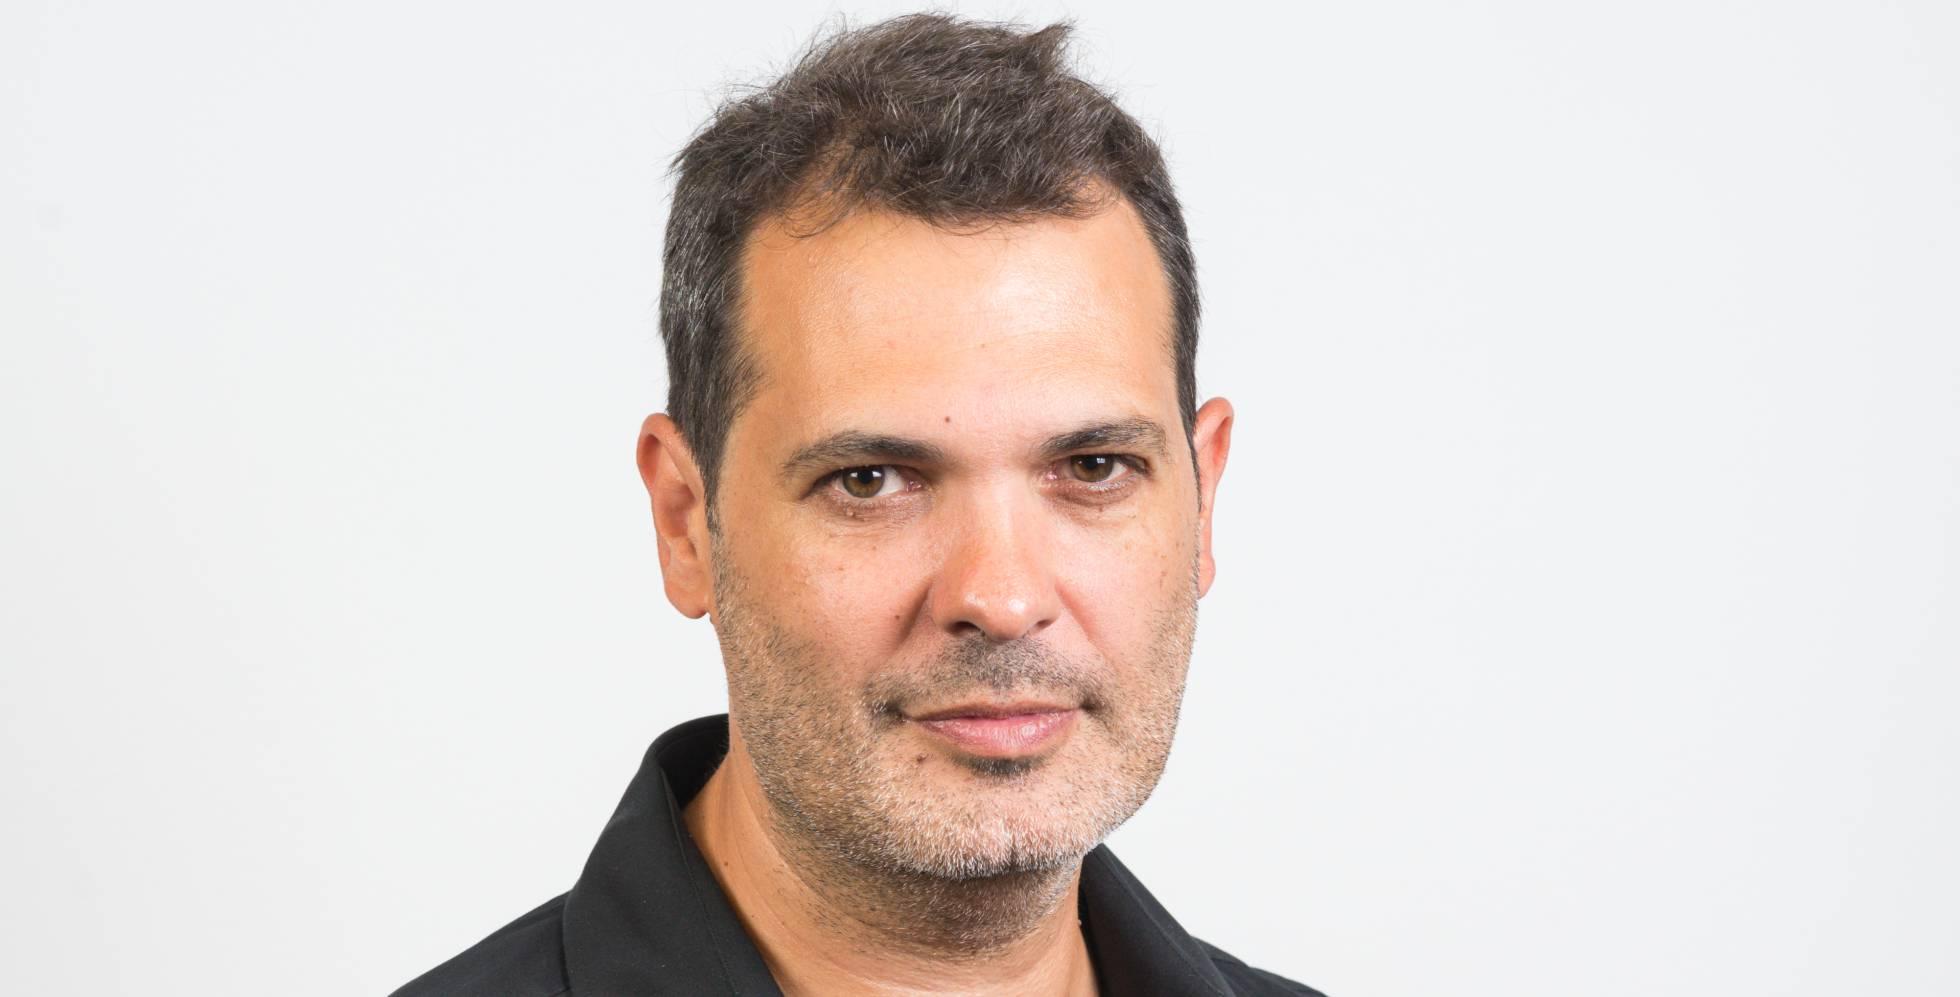 Fundada como Logtrust en España en 2011, de la mano de Pedro Castillo, Devo tiene su sede en Cambridge